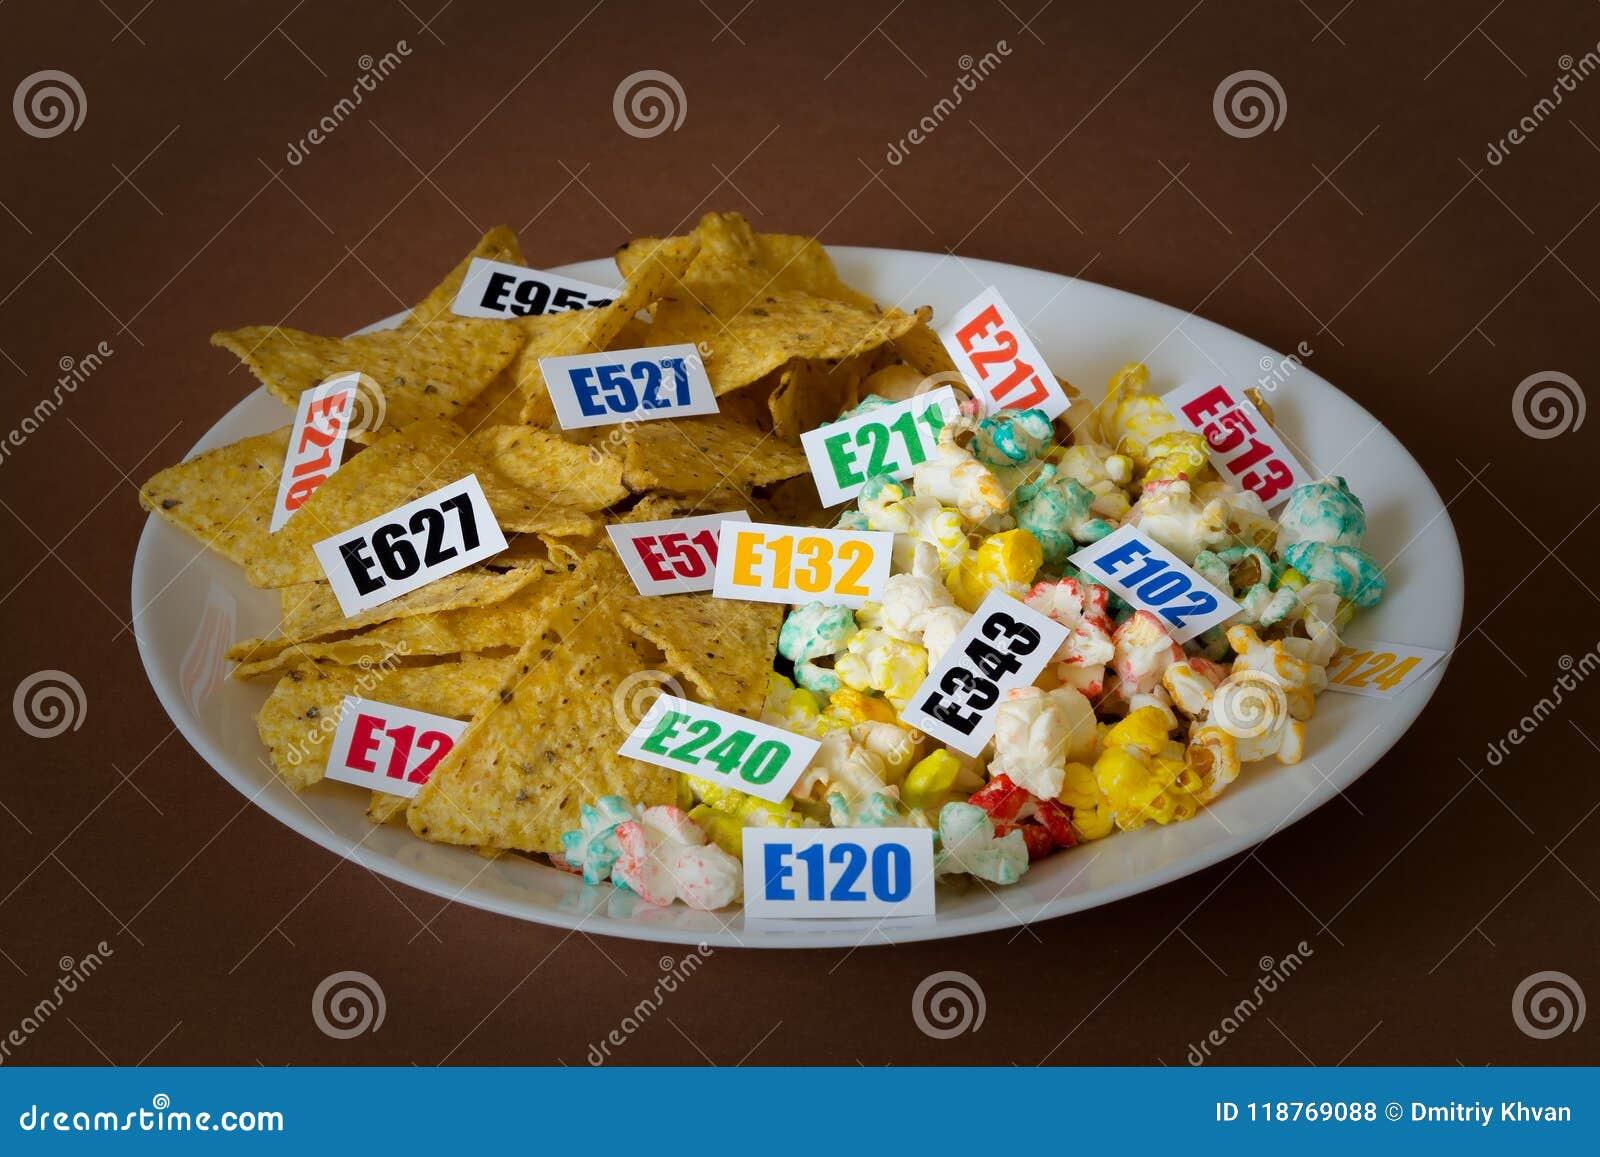 Schädliche Lebensmittelzusatzstoffe